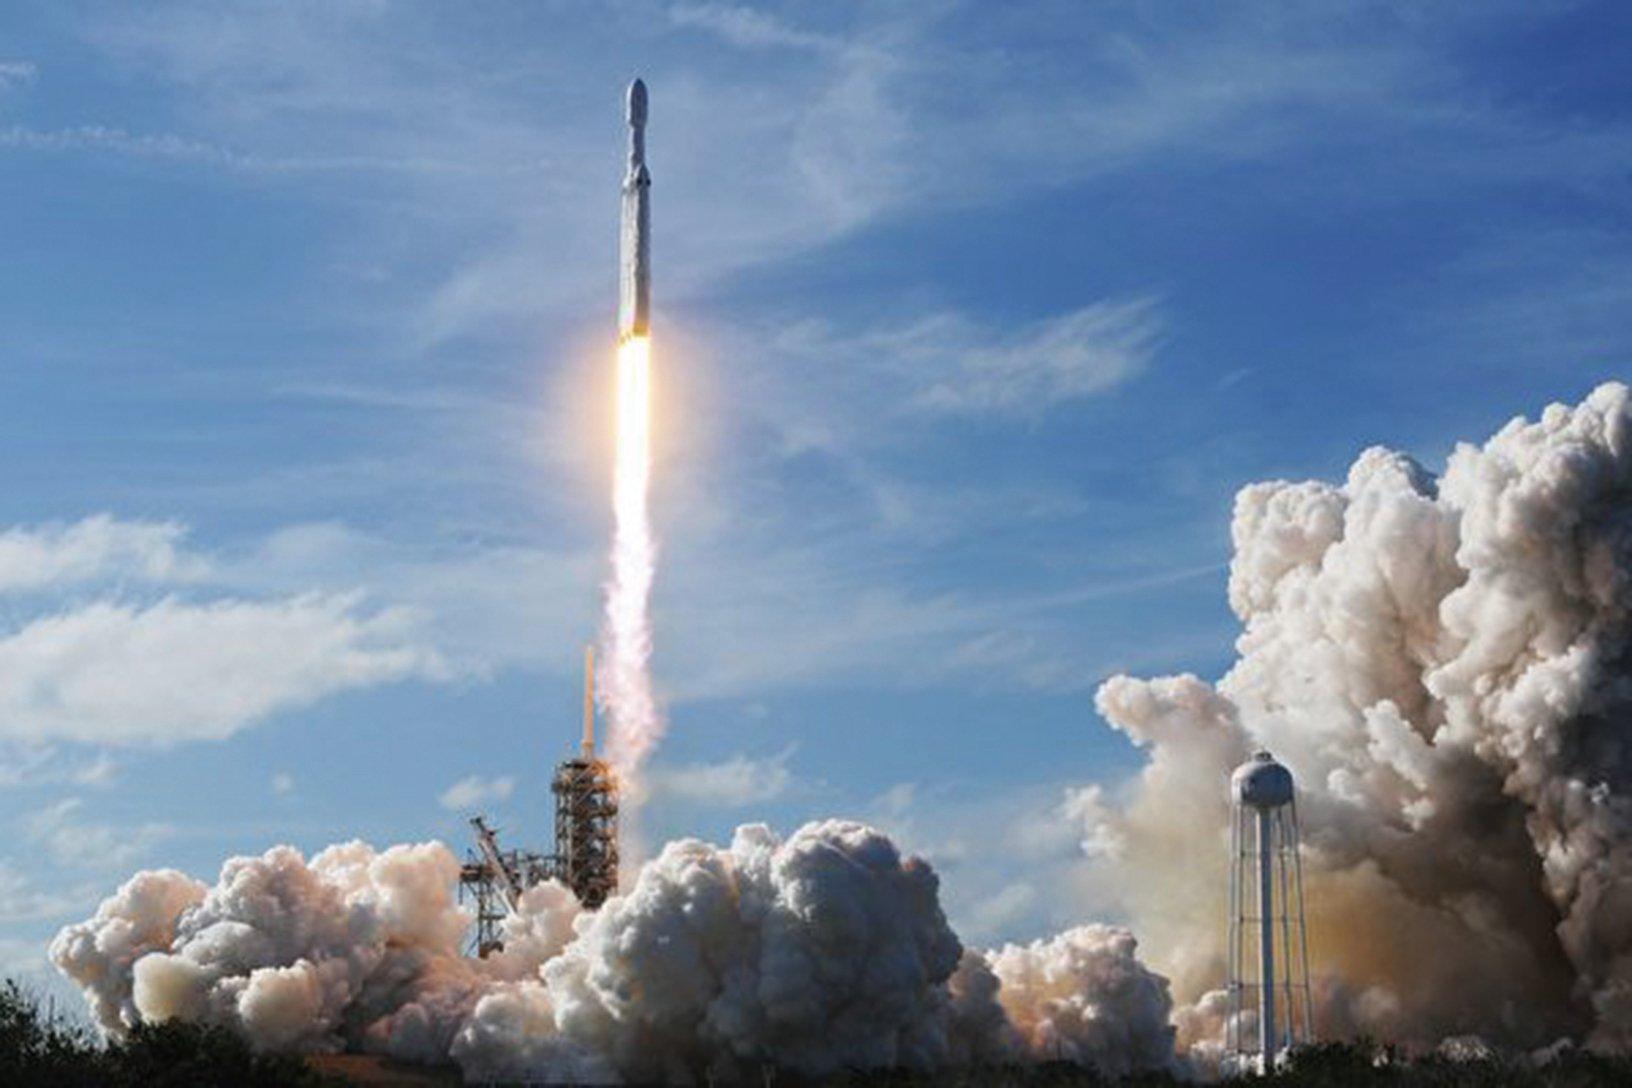 美國智囊哈德遜研究所的專家凱利(Sean Kelly)撰文警告說,中共試圖藉由投資滲透美國太空產業。圖為2018年2月6日,美國SpaceX公司在佛羅里達州發射火箭上太空。(Getty Images)